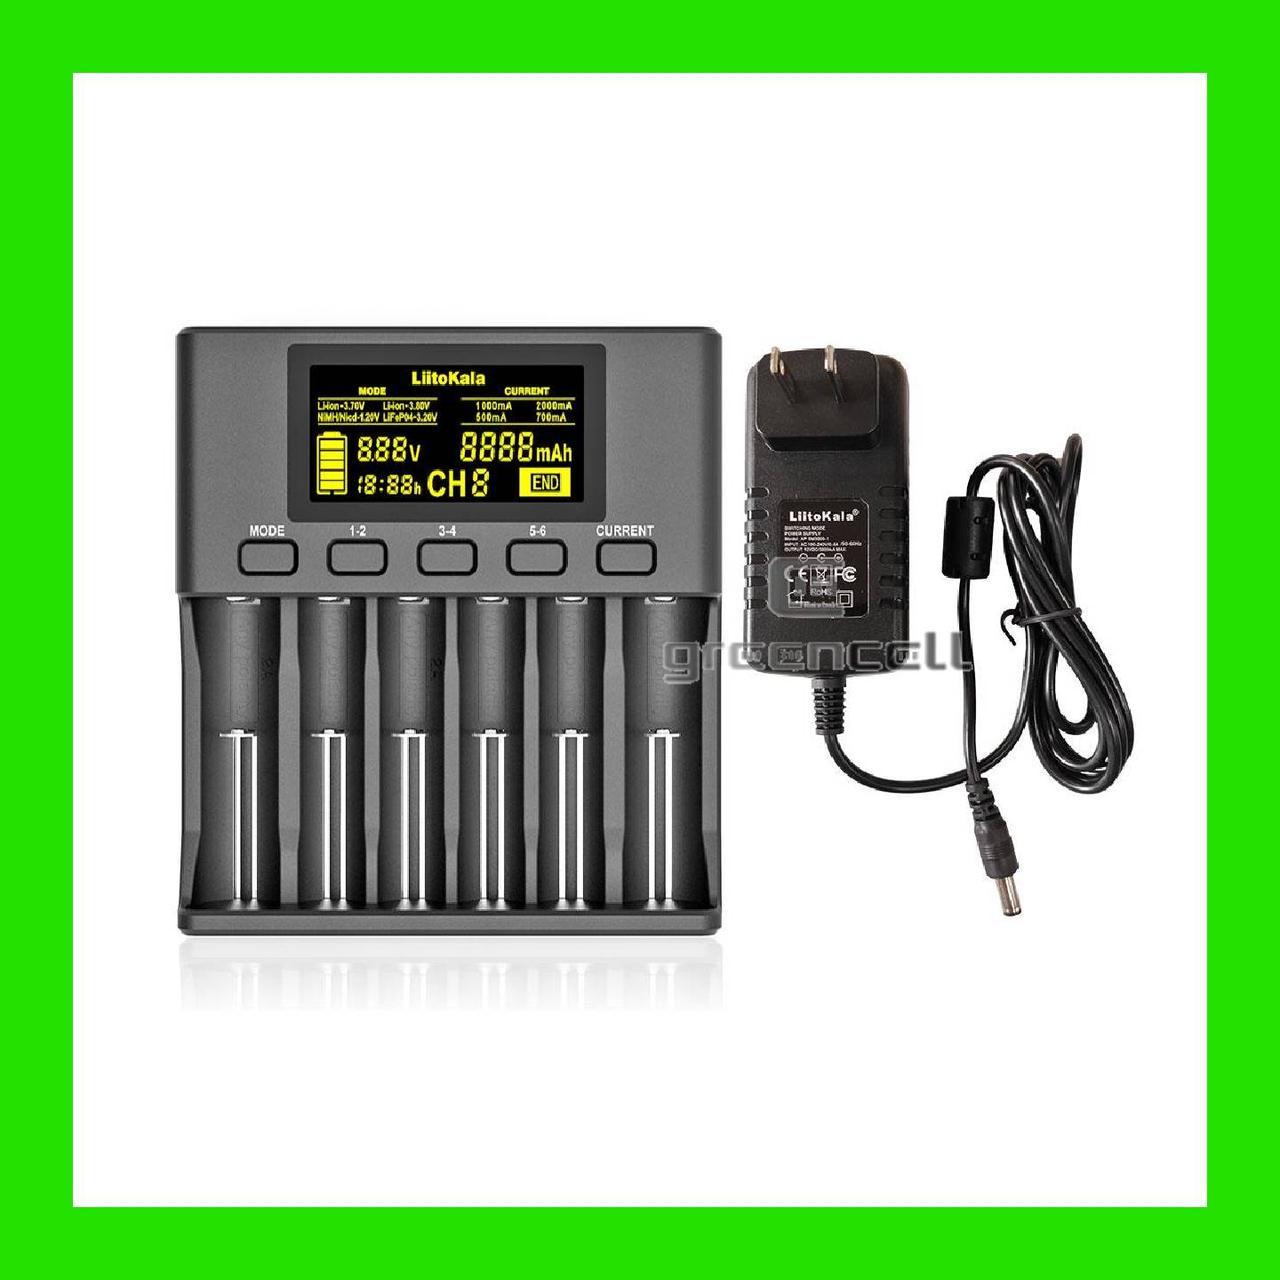 Зарядний пристрій для акумуляторів LiitoKala Lii-S6 універсальне 6-ти канальний